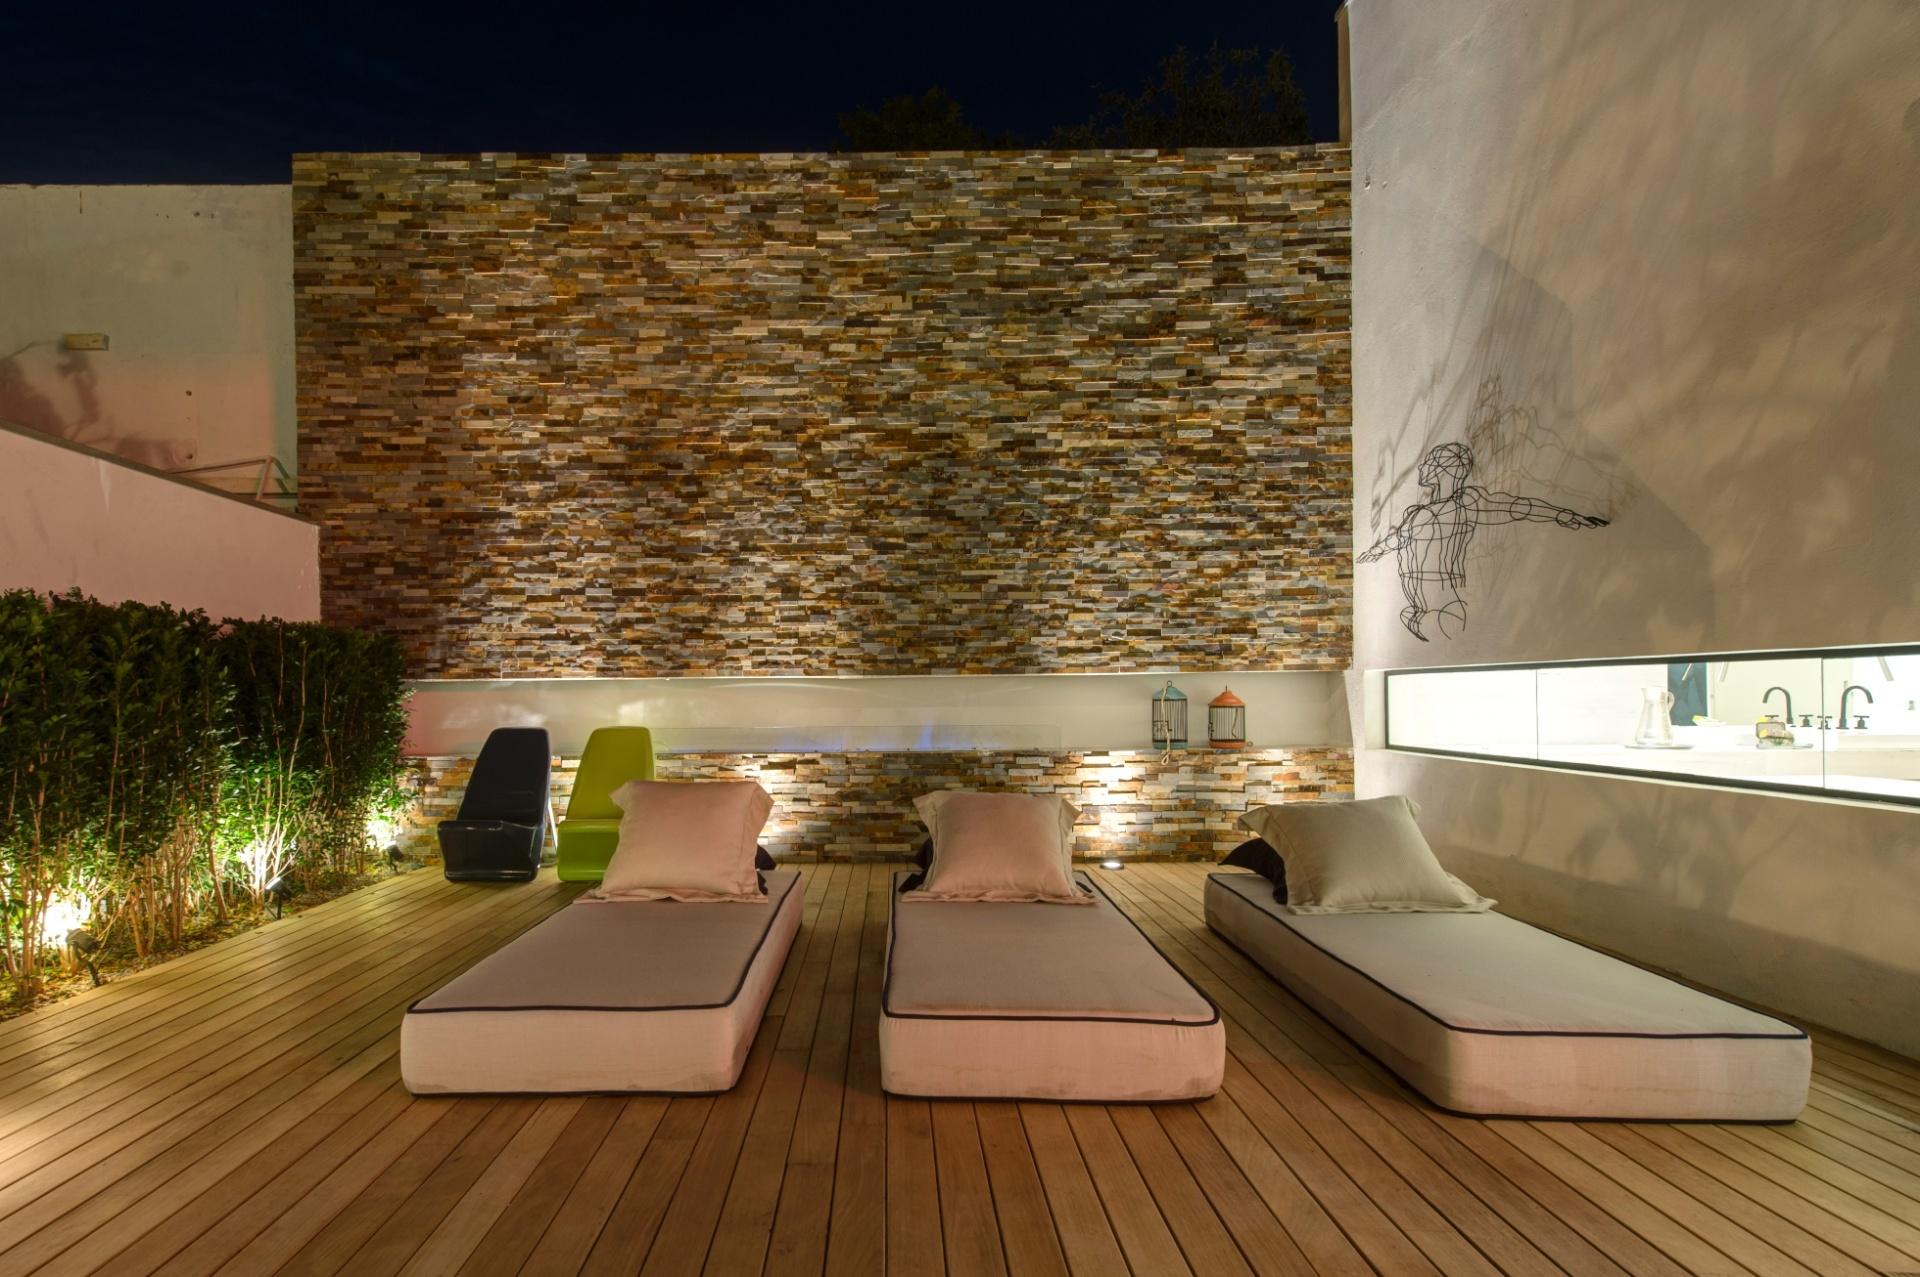 O terraço da Casa Weekend, projetada pela dupla Olegário de Sá e Gilberto Cioni, possui colchões para descanso, parede com acabamento texturizado e abertura envidraçada com visão para os ambientes internos. A 27ª Casa Cor SP segue até dia 21 de julho de 2013, no Jockey Club de São Paulo